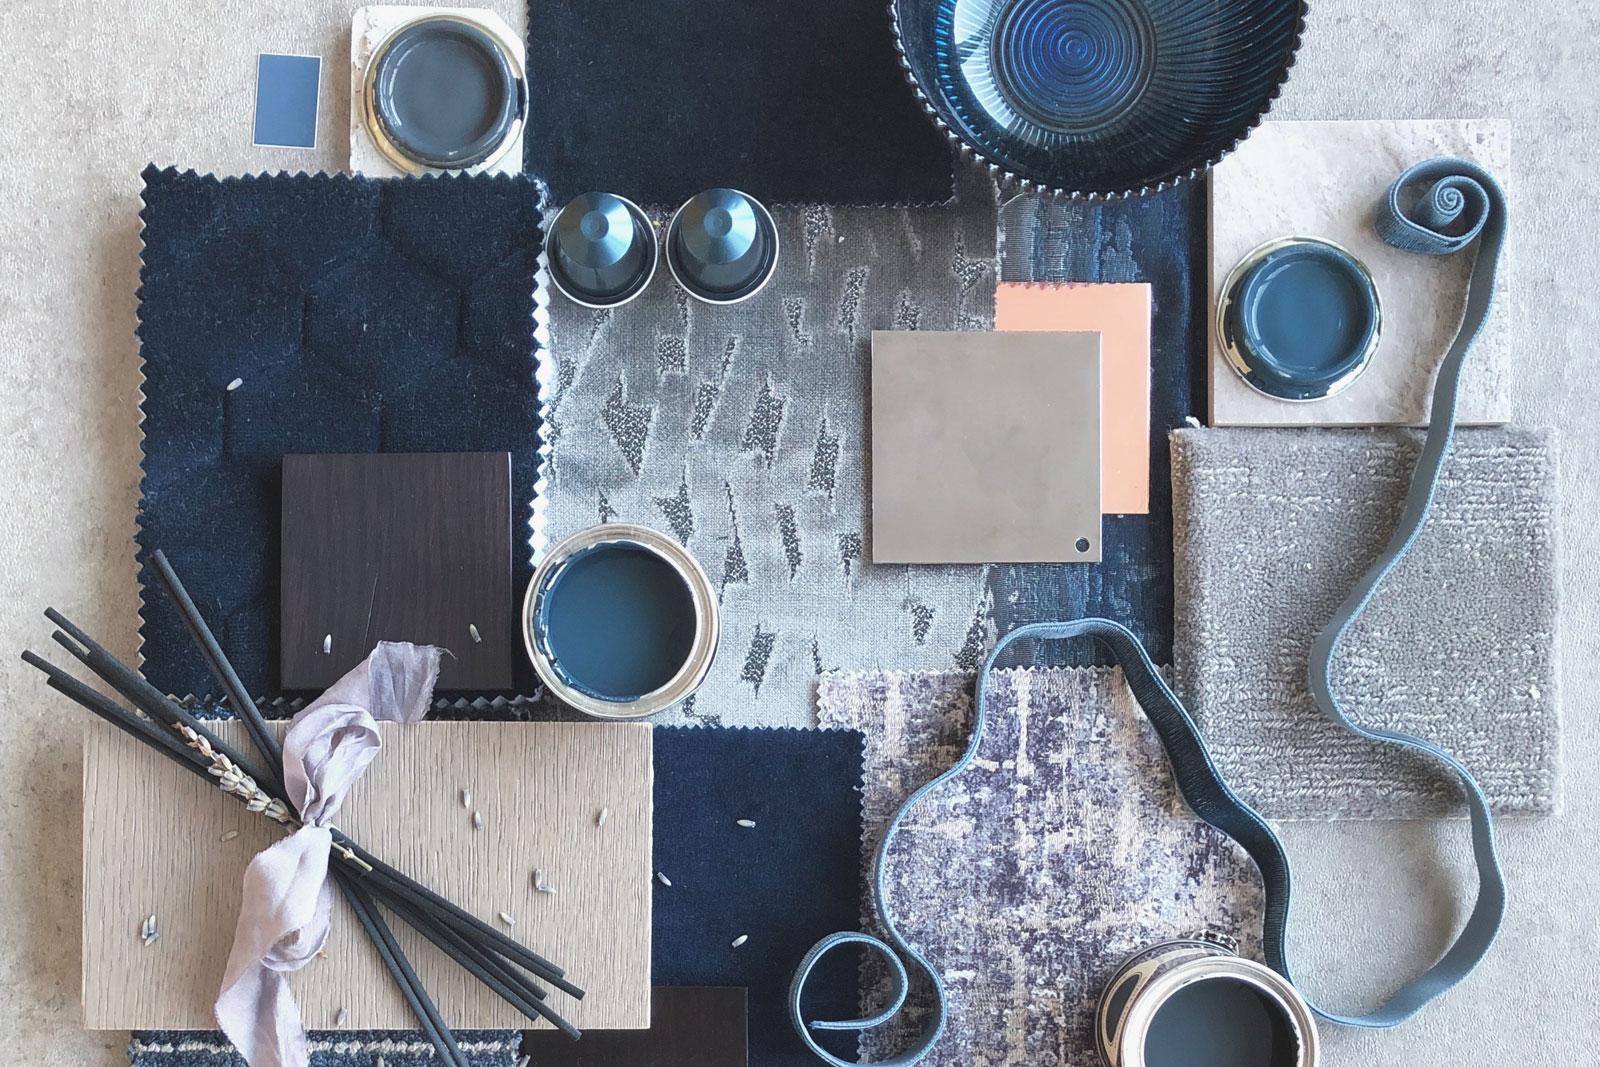 Dark Blue Paint, Inky Blue Paint, Inky Blue Decor, Dark Blue Walls, Dark Blue Interior Scheme